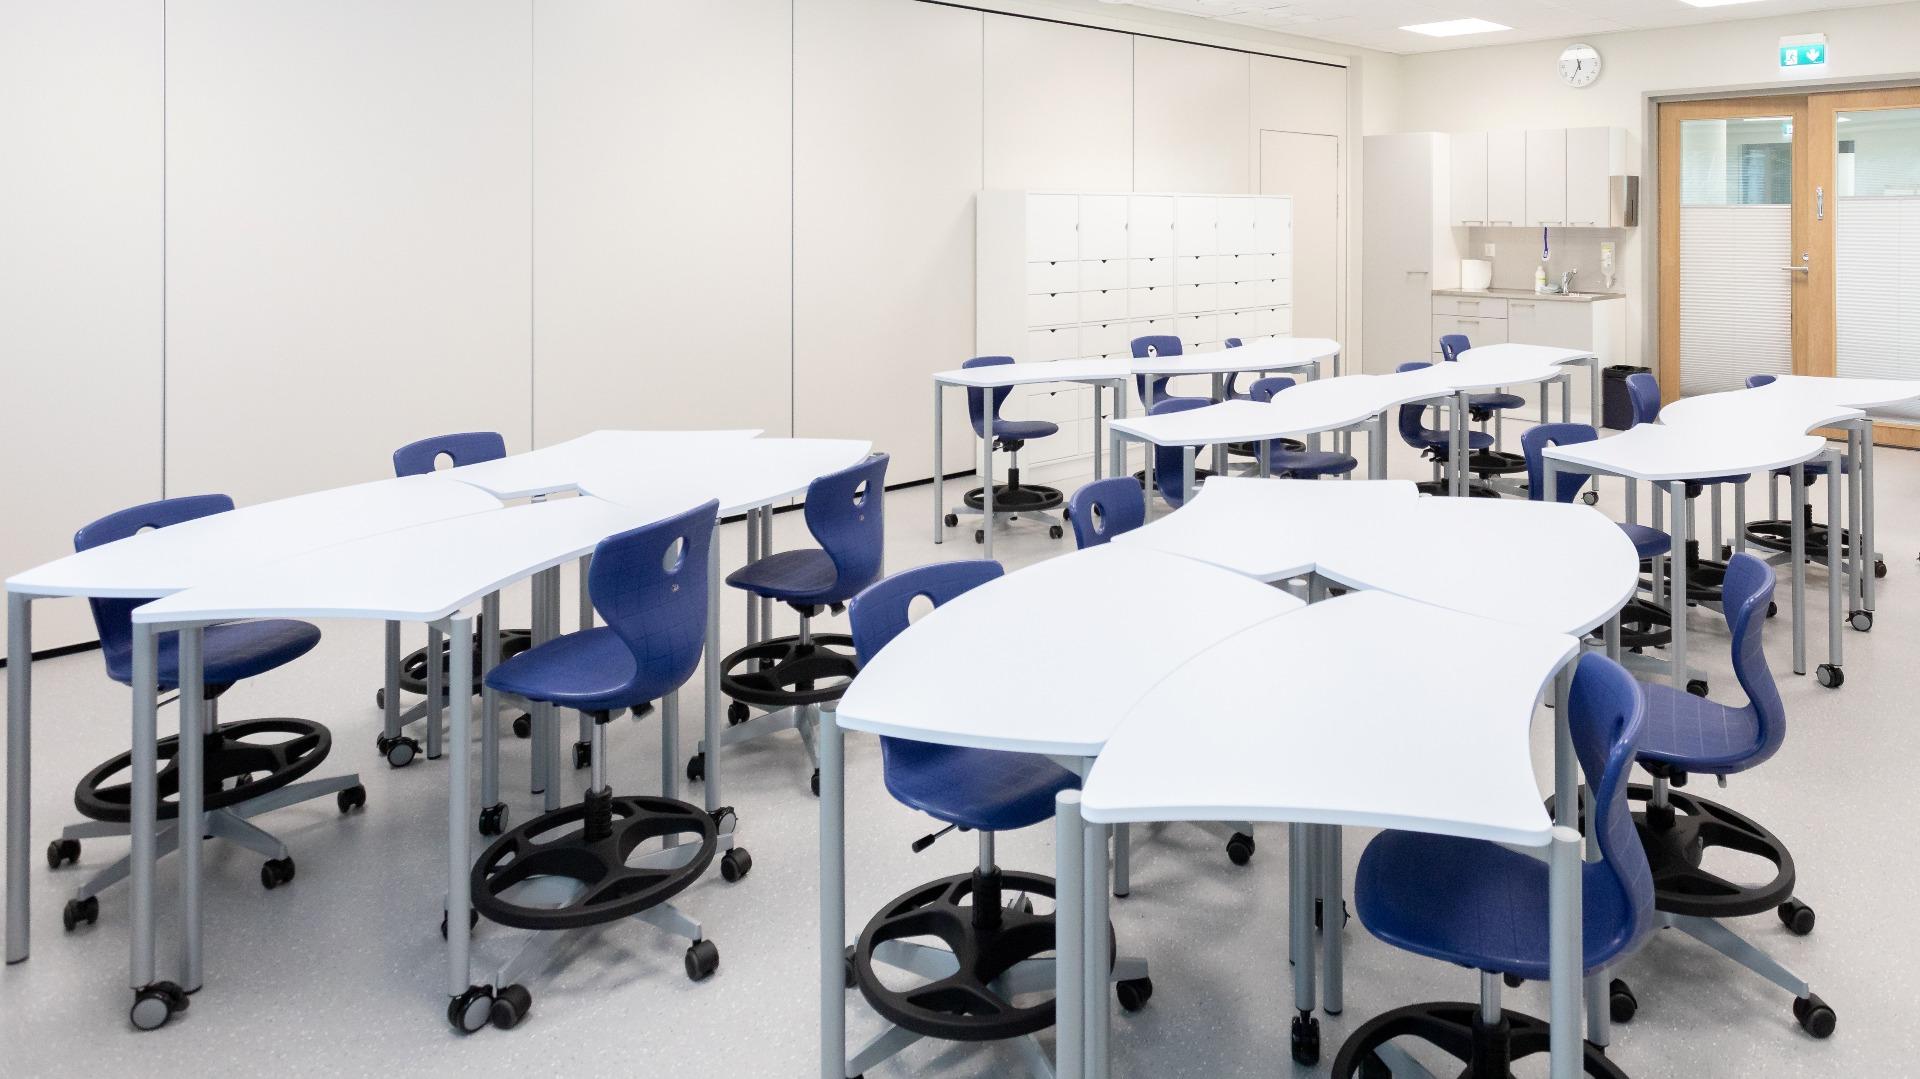 Koulujen oppimisympäristö